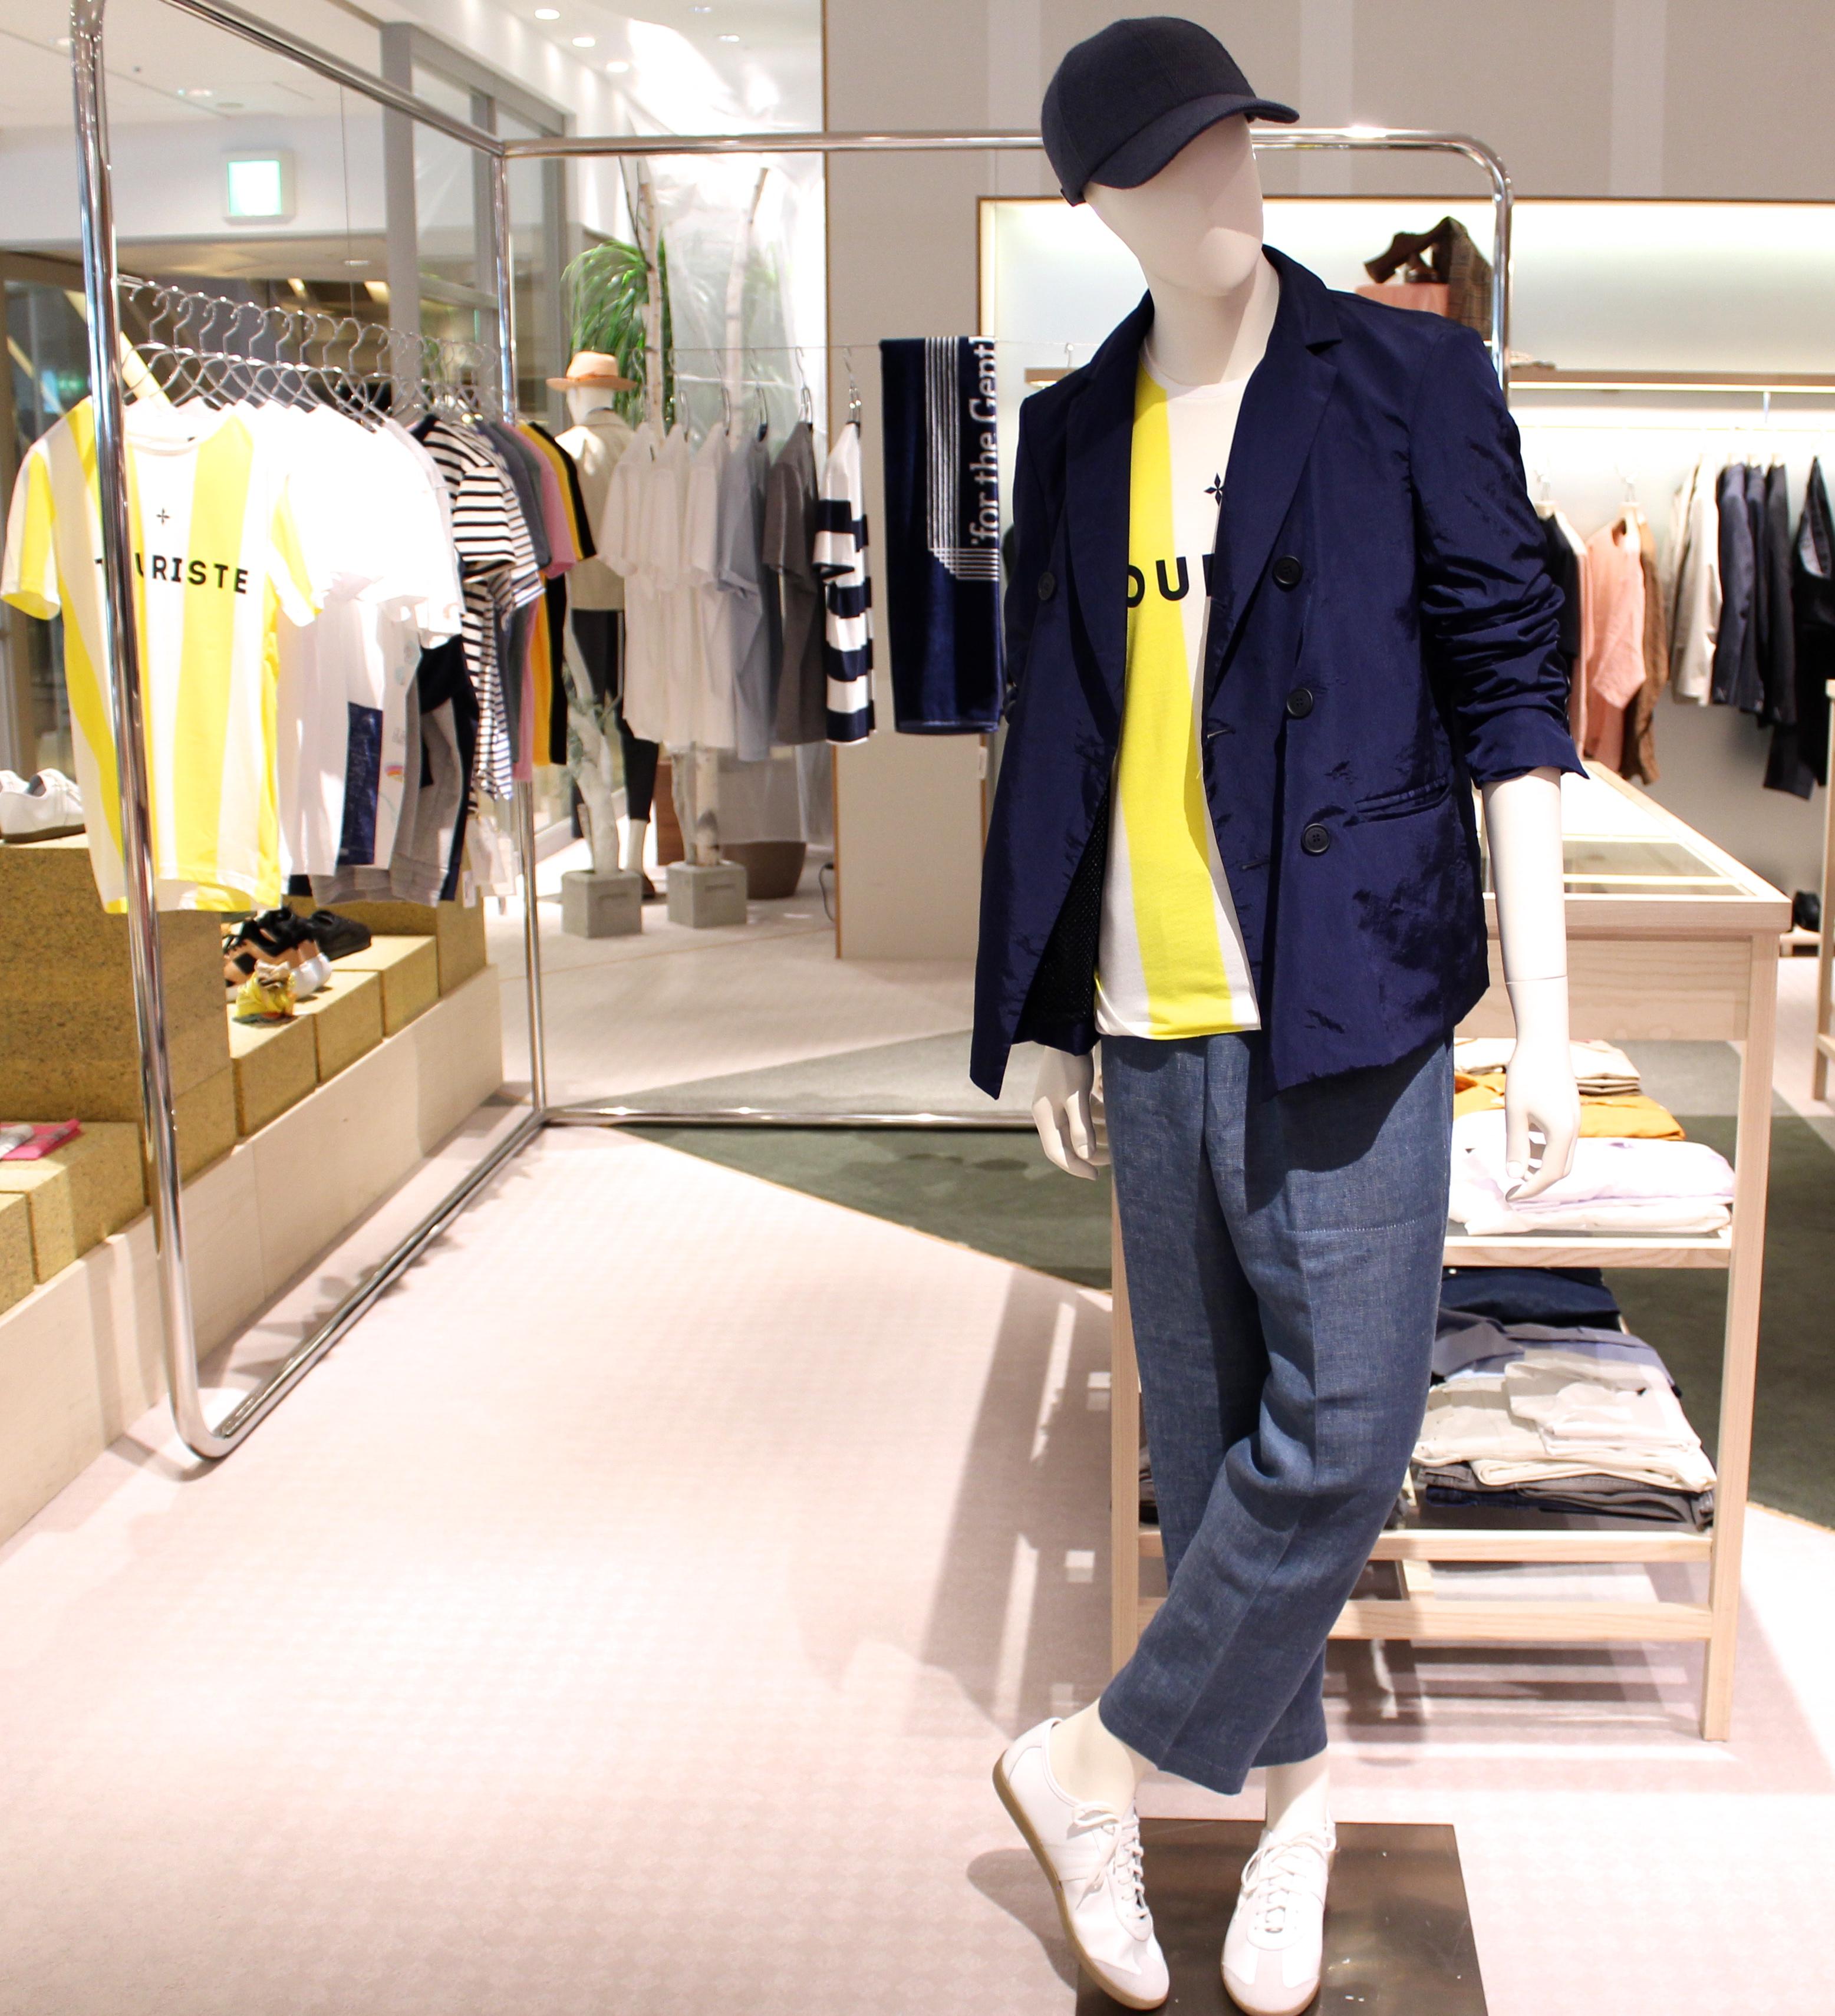 『gujiの縁側』<BR> 『Tシャツ!Tシャツ!!Tシャツ!!!』 @balcone di guji!